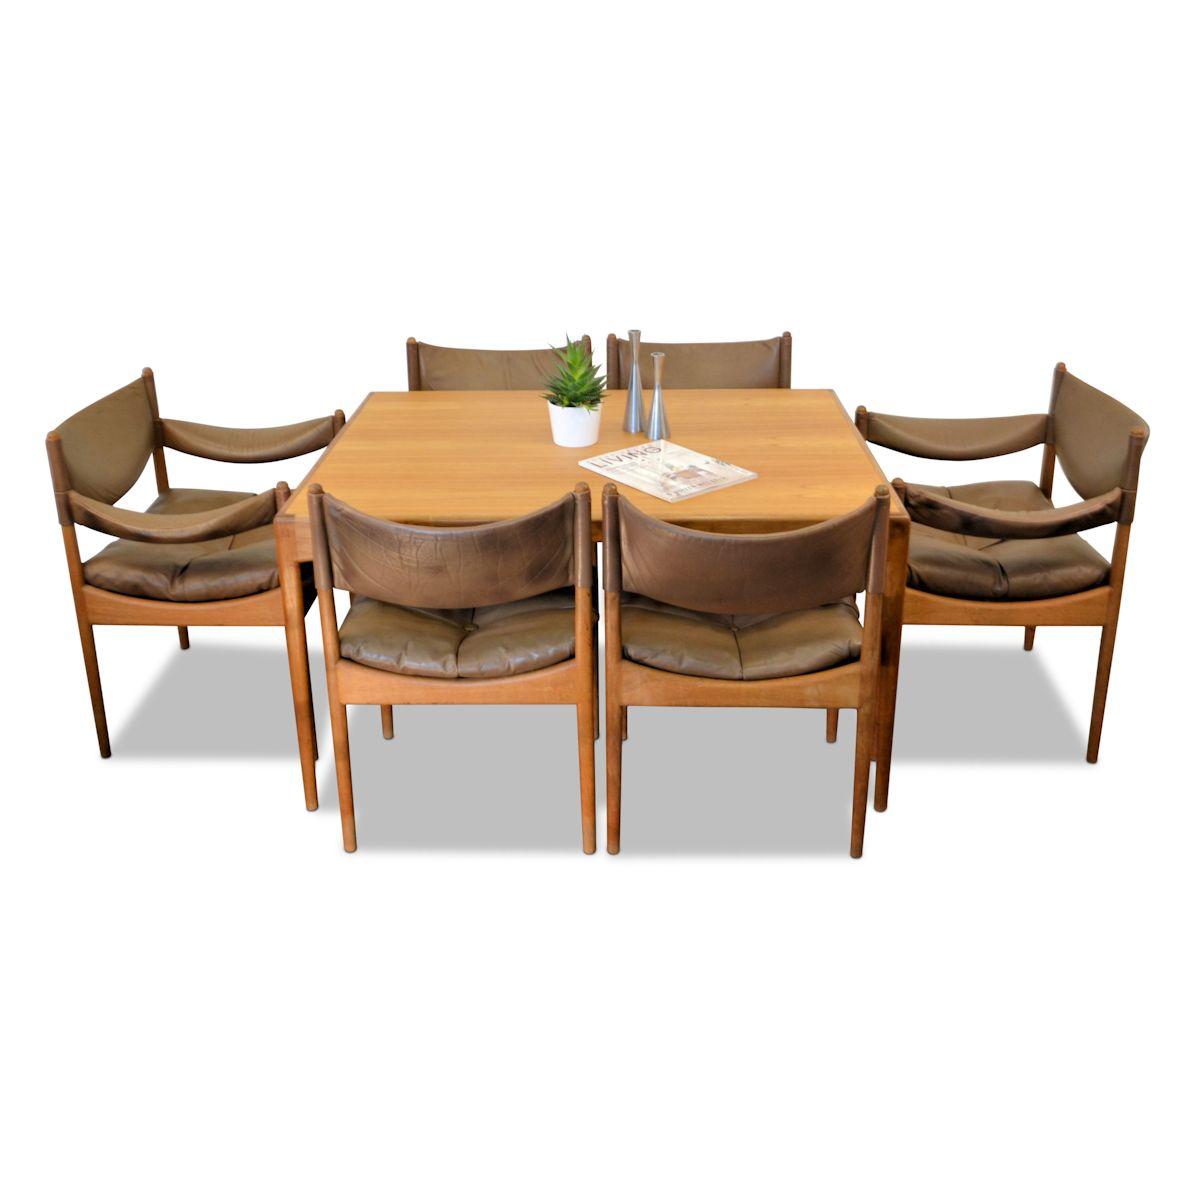 Vintage Dining Set Designed by Kristian Vedel